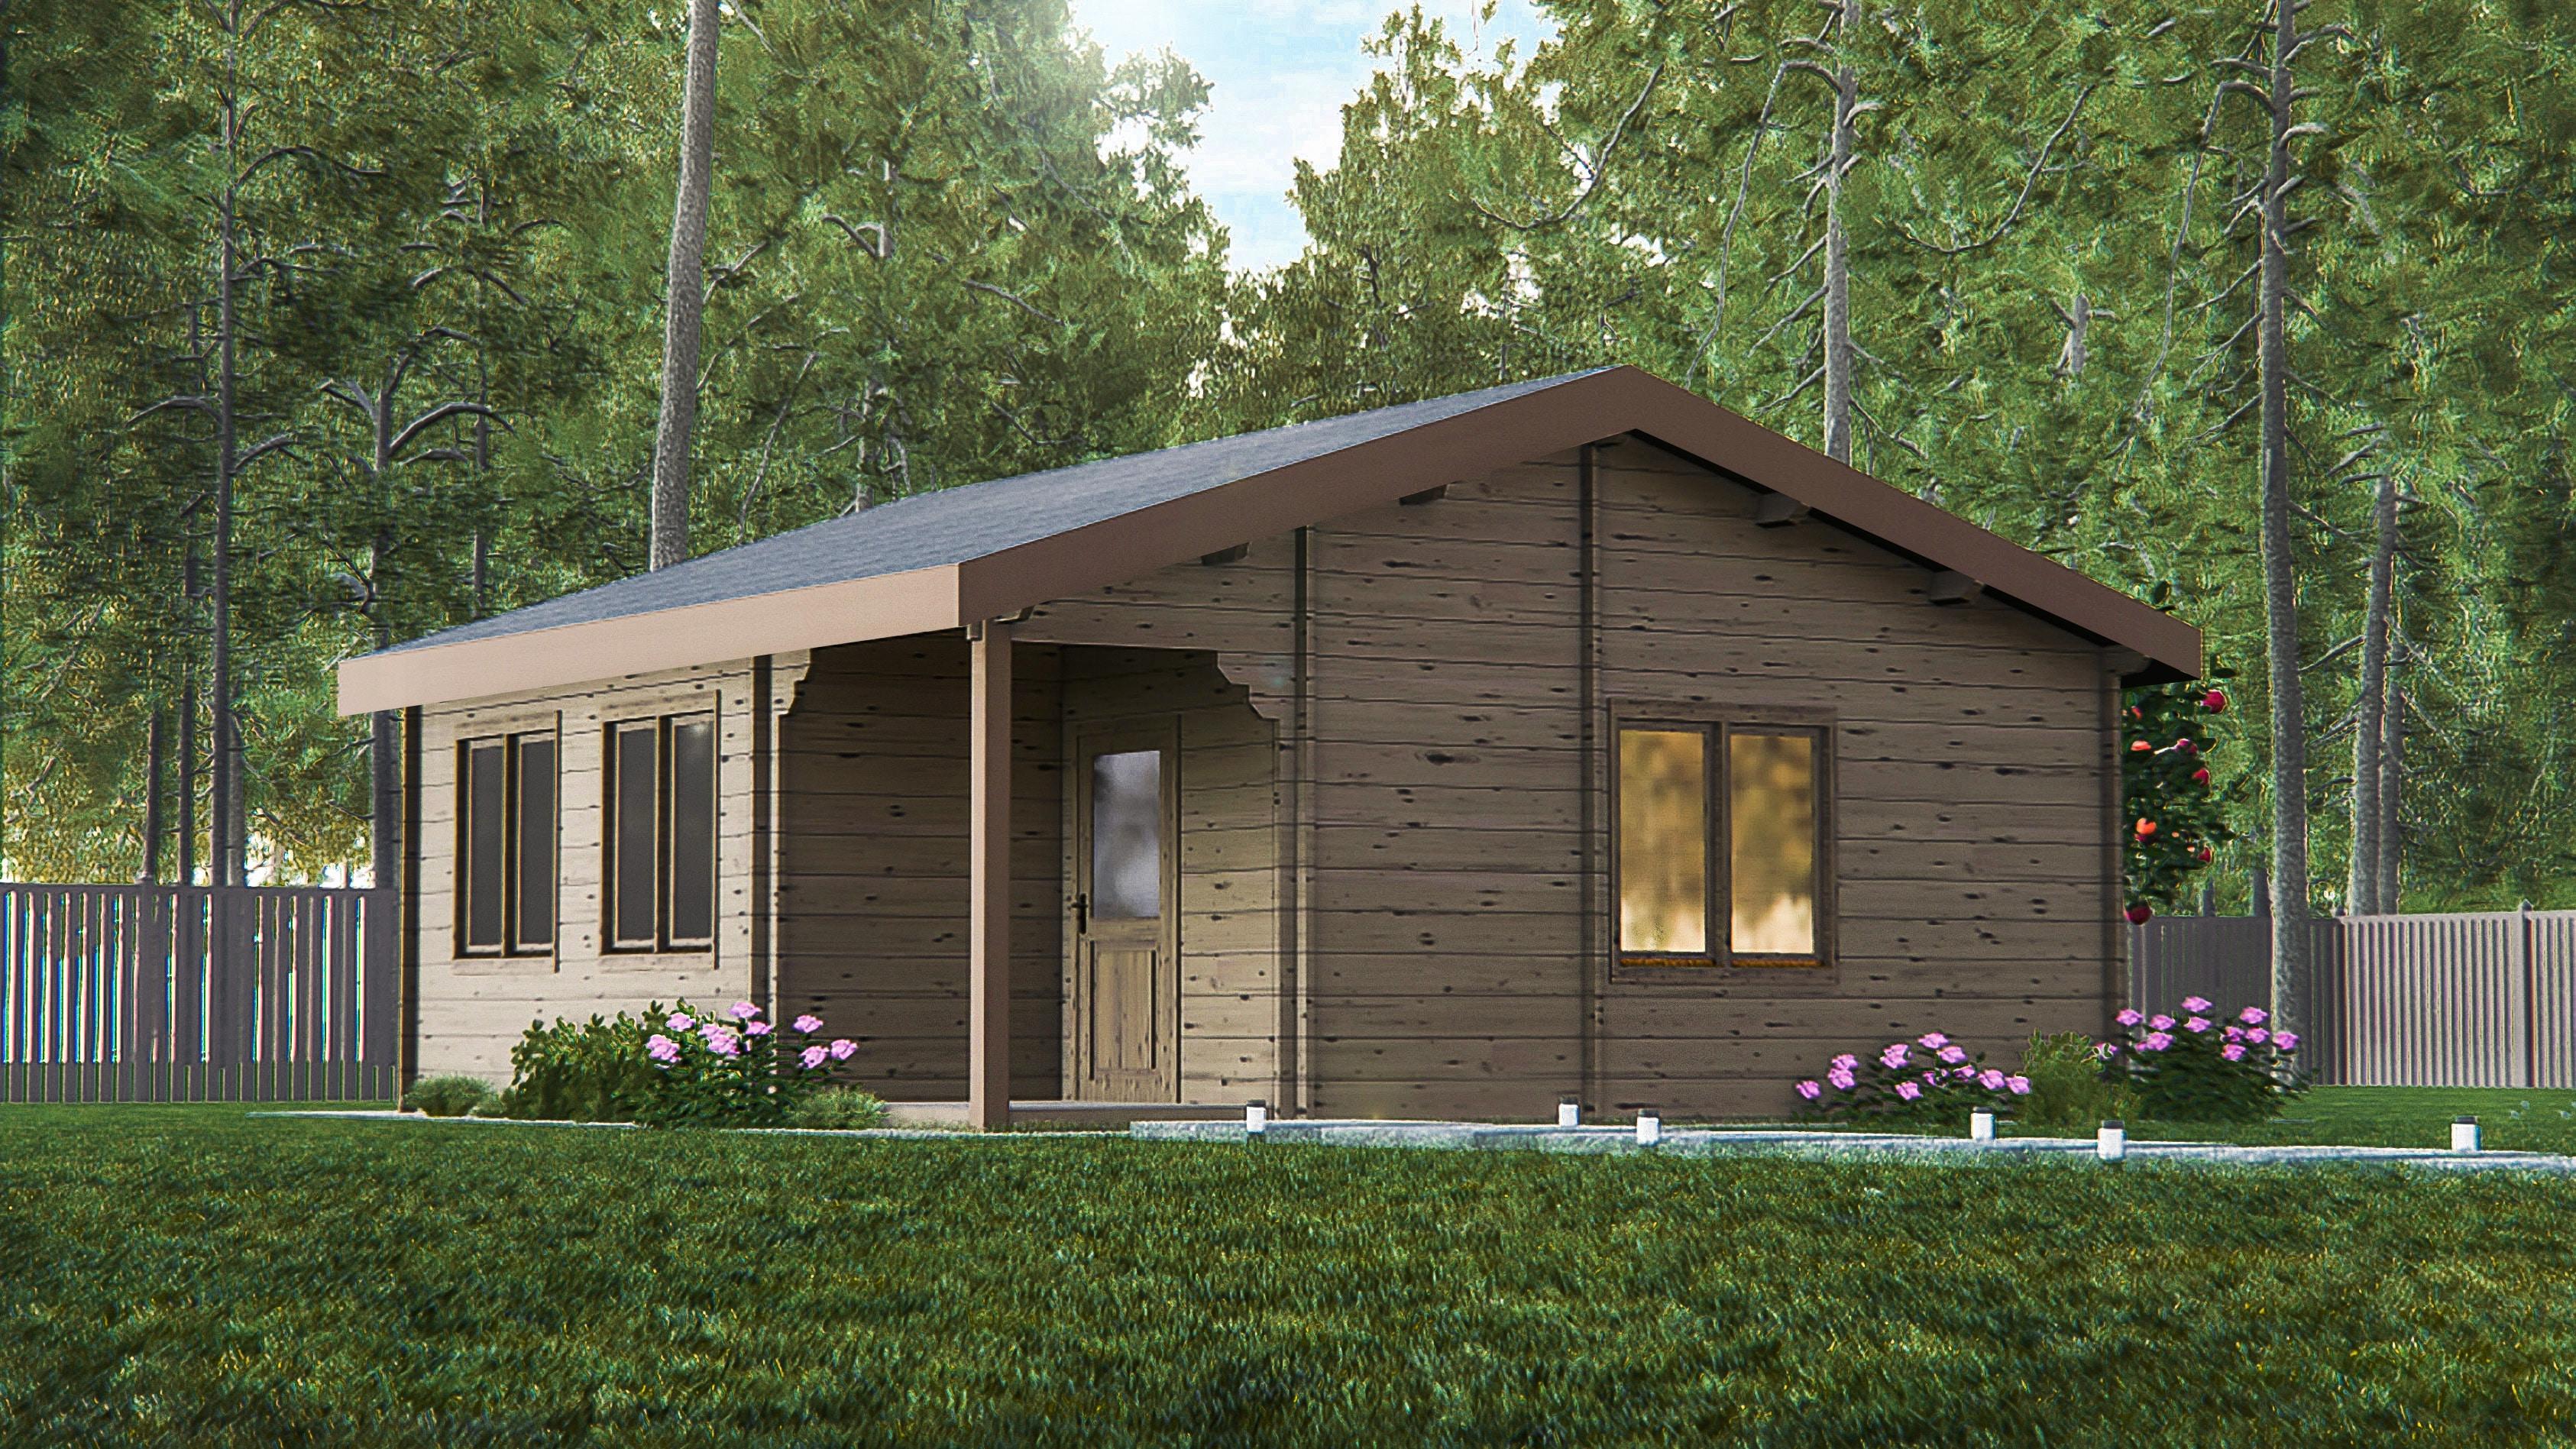 Choisir la bonne maison en bois : des conseils pour vous aider à prendre la bonne décision